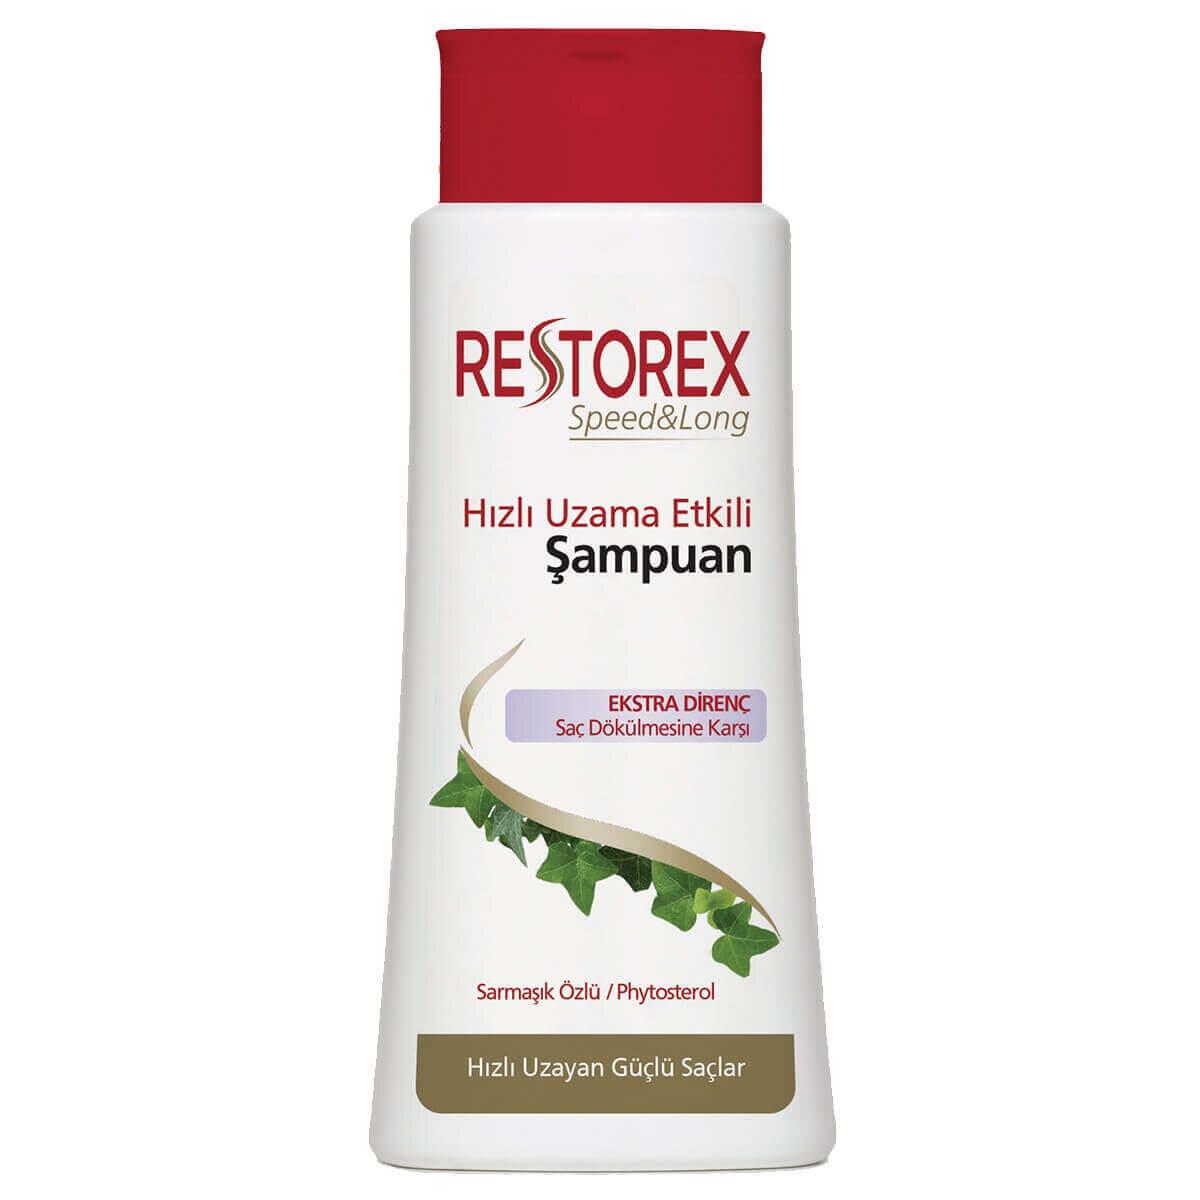 Saç Dökülmesine Karşı Şampuan 600 ml